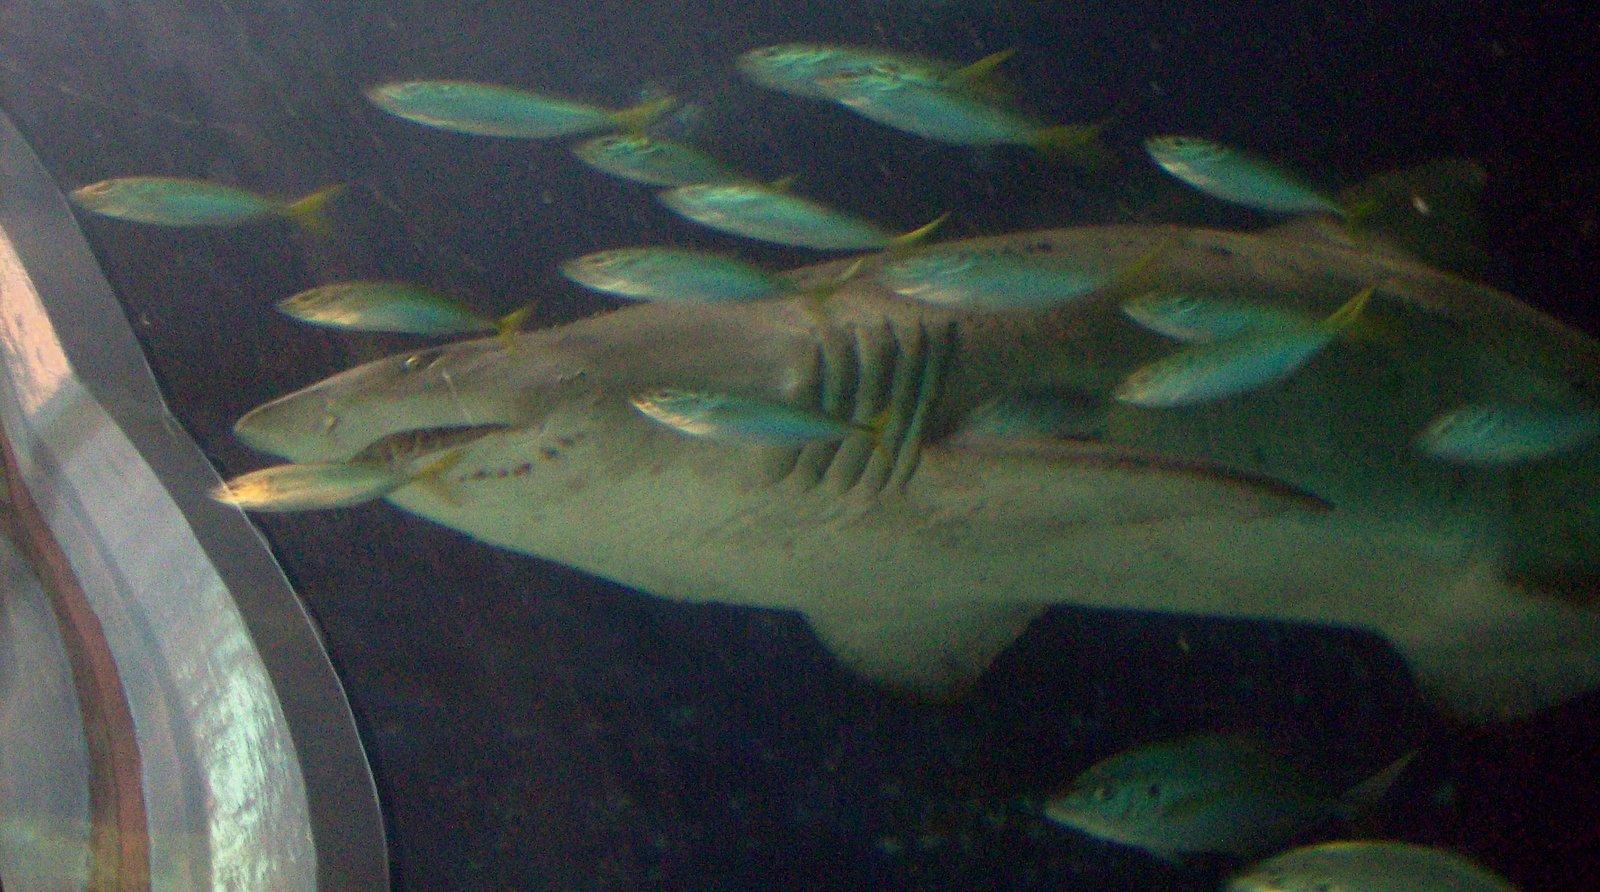 Aquarium von Mooloolaba - Queensland